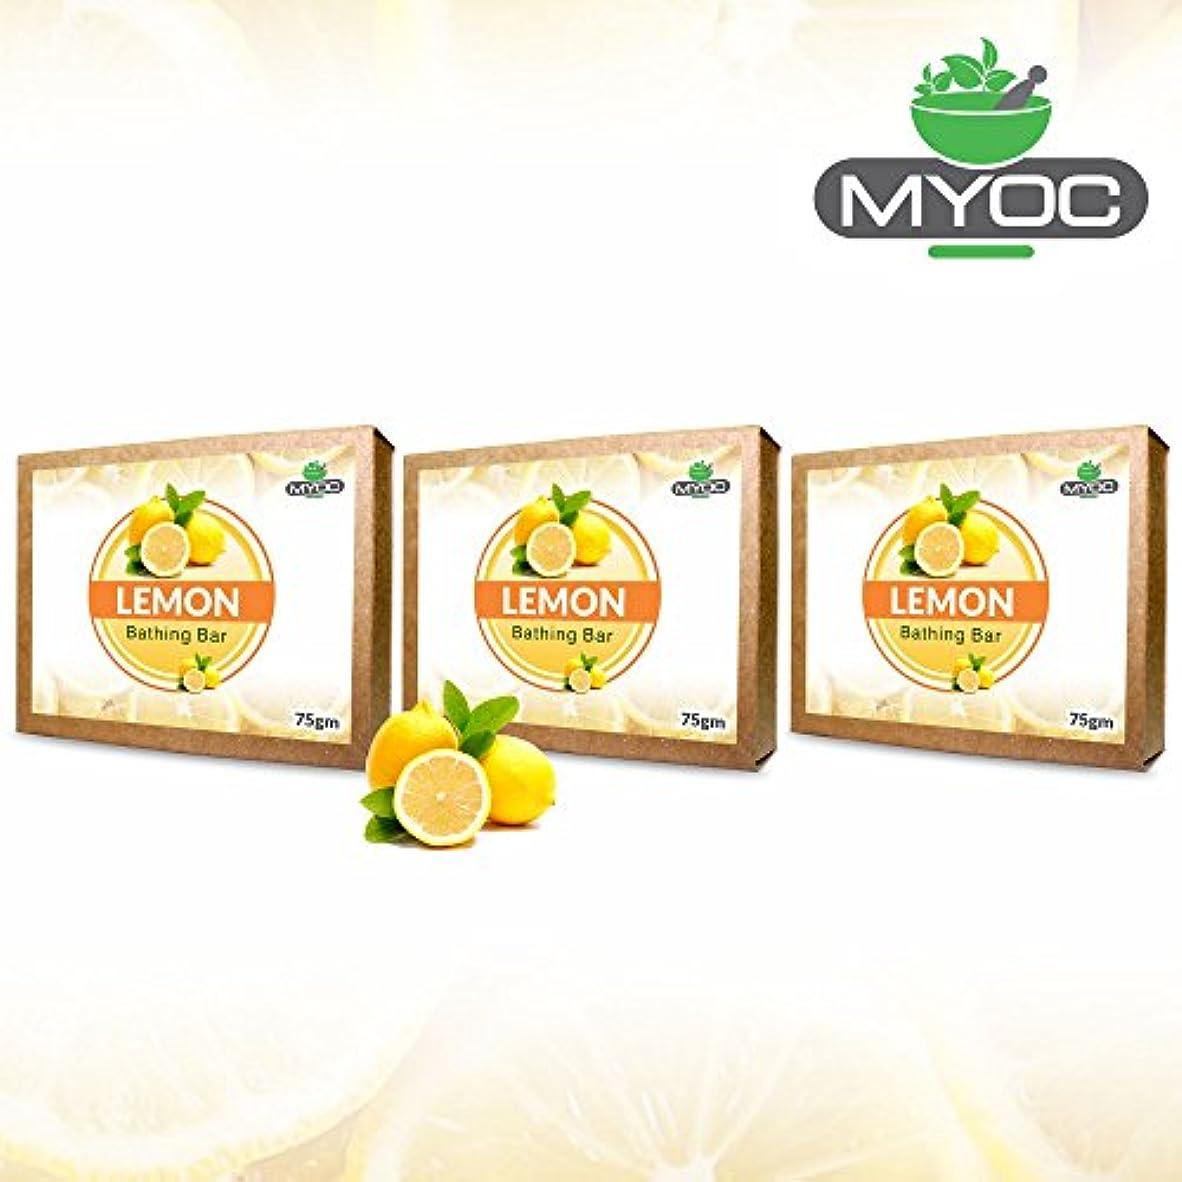 執着添付費用Lemon Oil And Vitamin E Astringent Soap, deodorant, antiseptic soap for clogged pores and acne prone skin 75g...